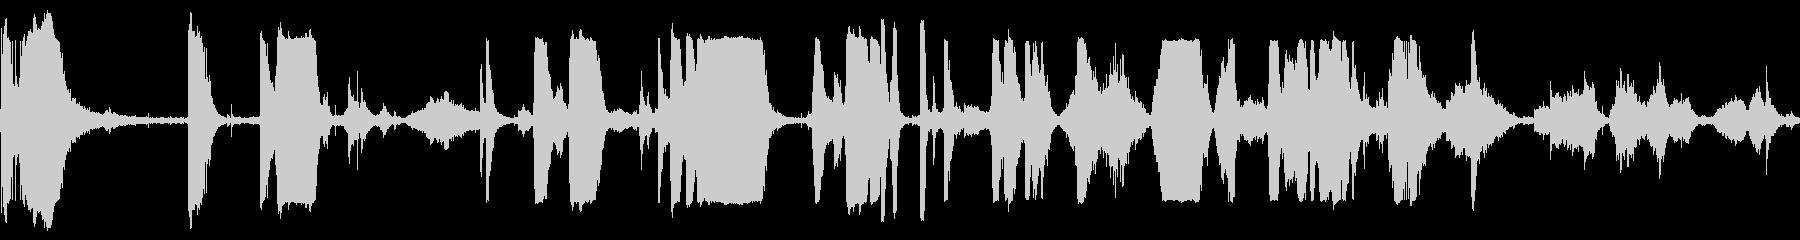 メタルグリッドスクレイプキーキーの未再生の波形